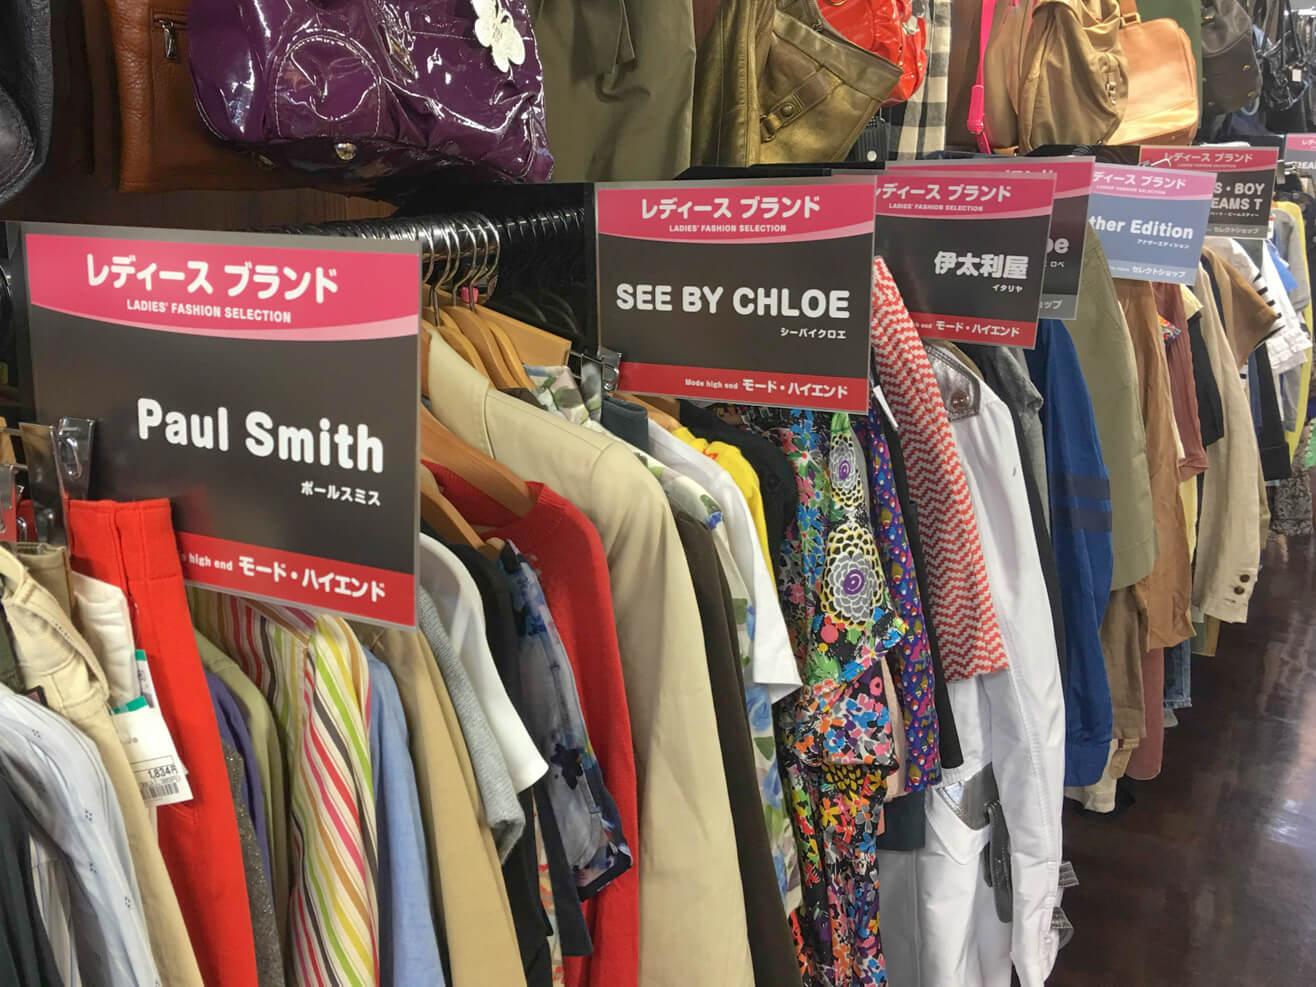 ブック・オフの古着がブランド毎に並んでいる写真